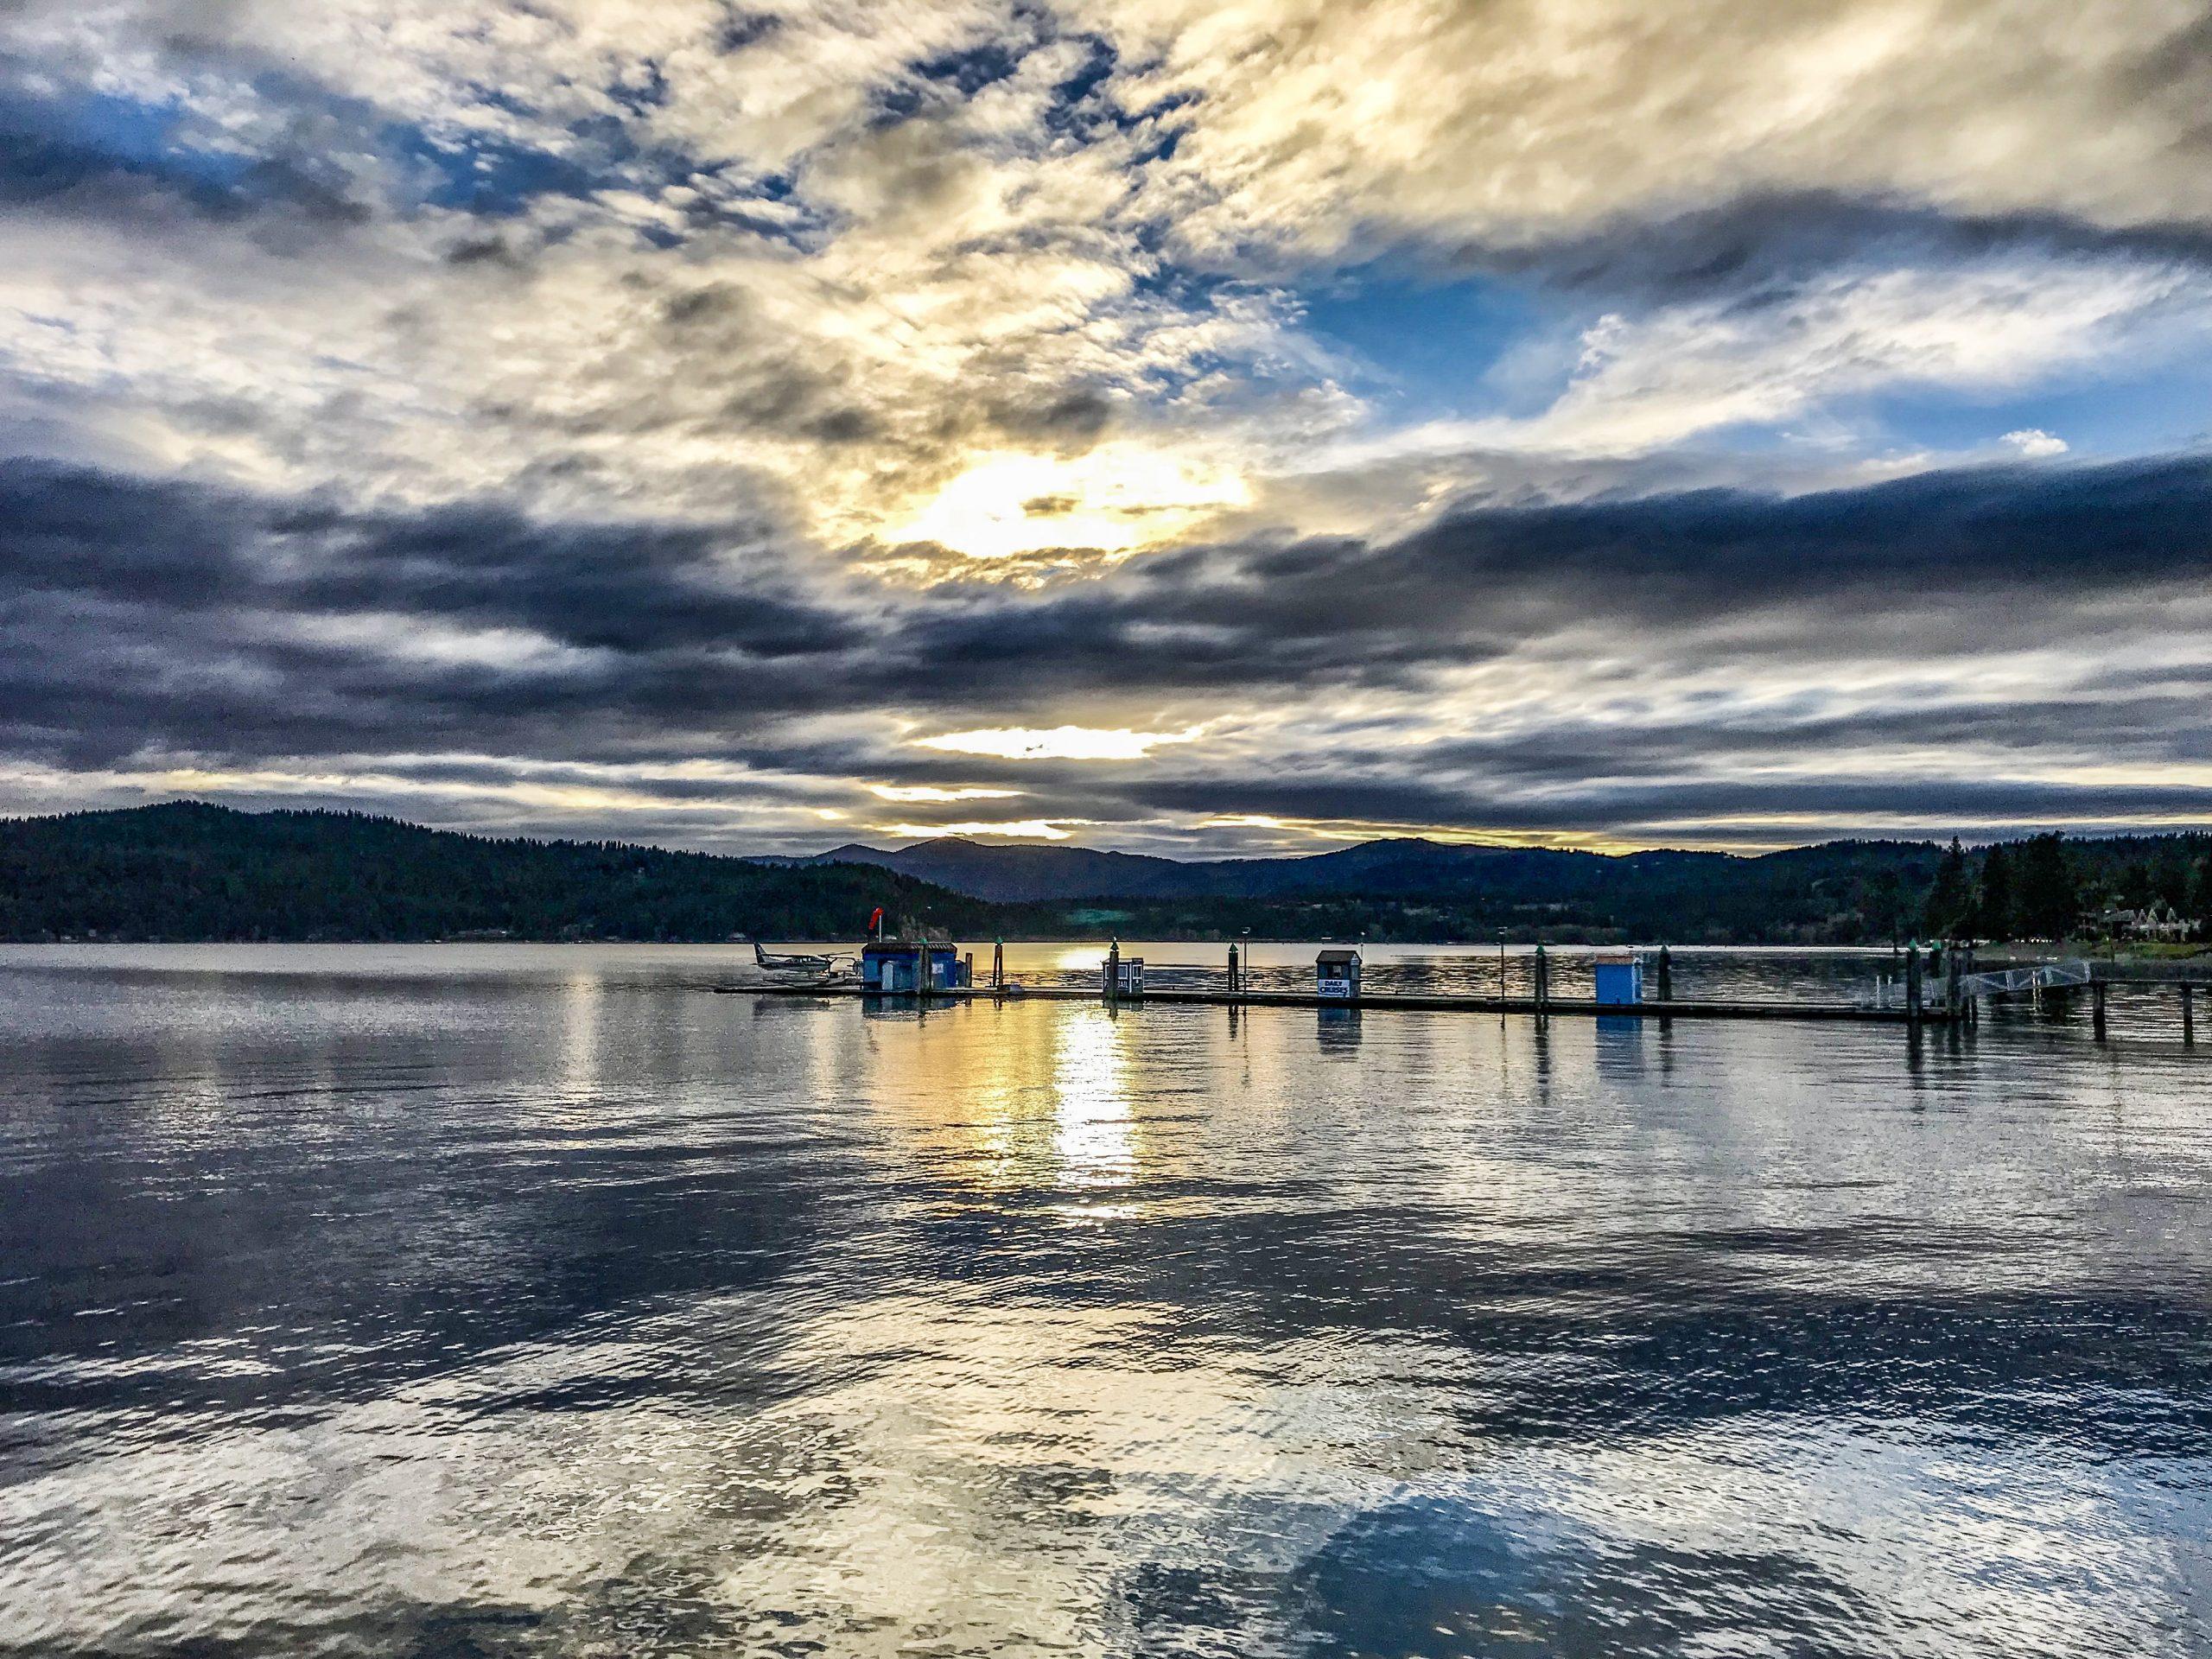 Le lac coeur d'alene à la golden hour